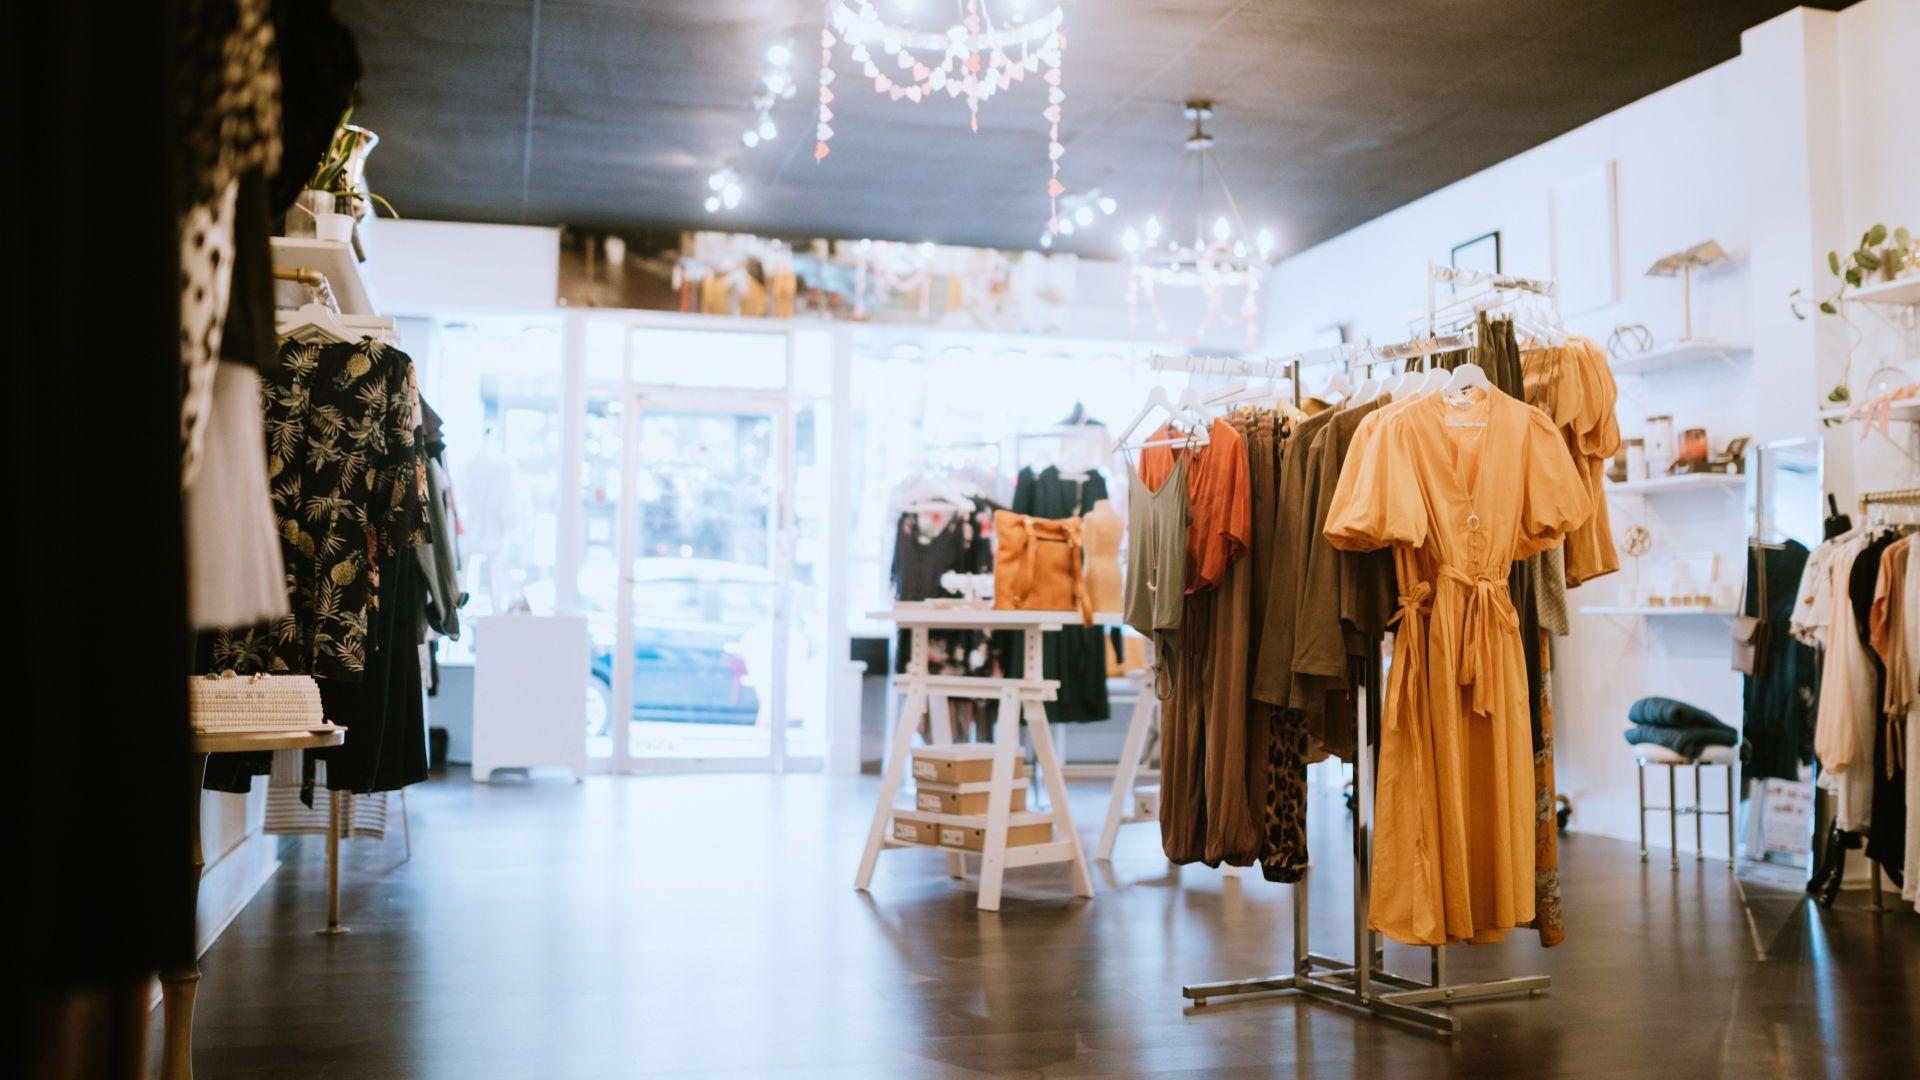 Моловете са безопасни, но 10-15% от магазините са фалирали